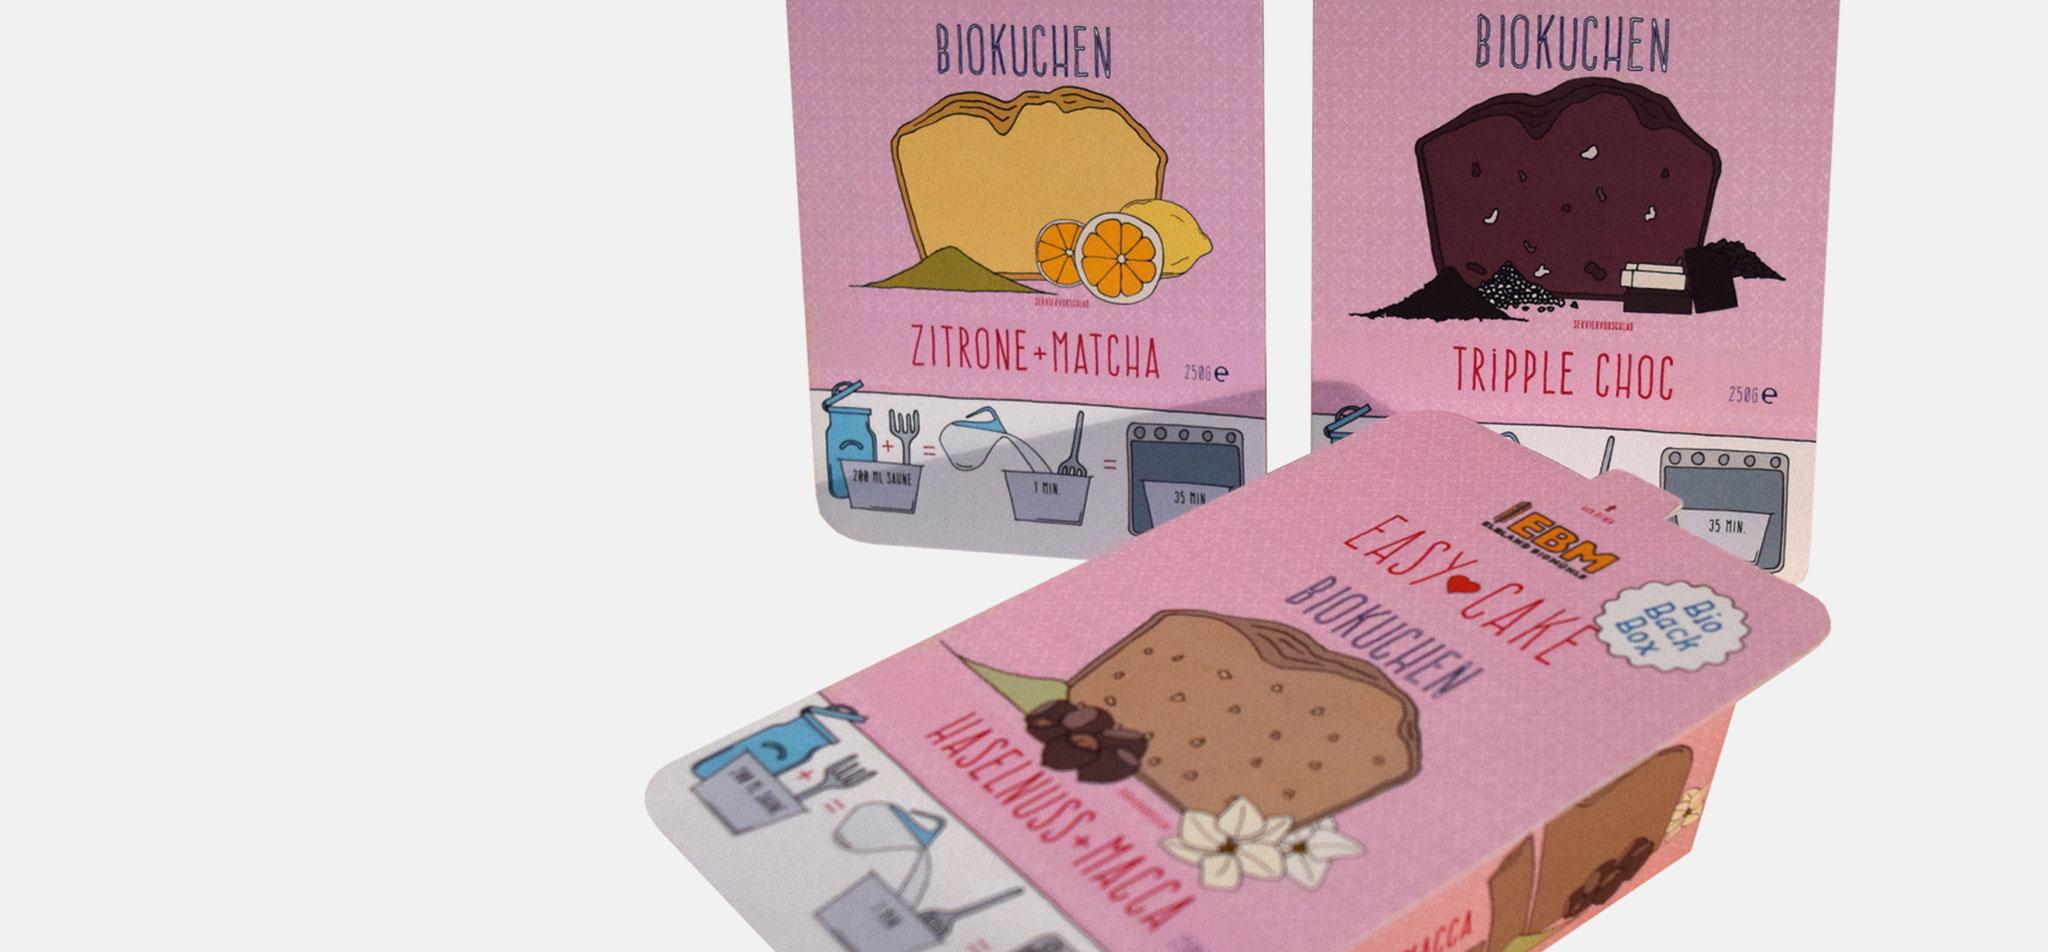 FLECHTORFER MÜHLE | verpackung elbland biomühle easy bread – infragrau, gute gestaltung